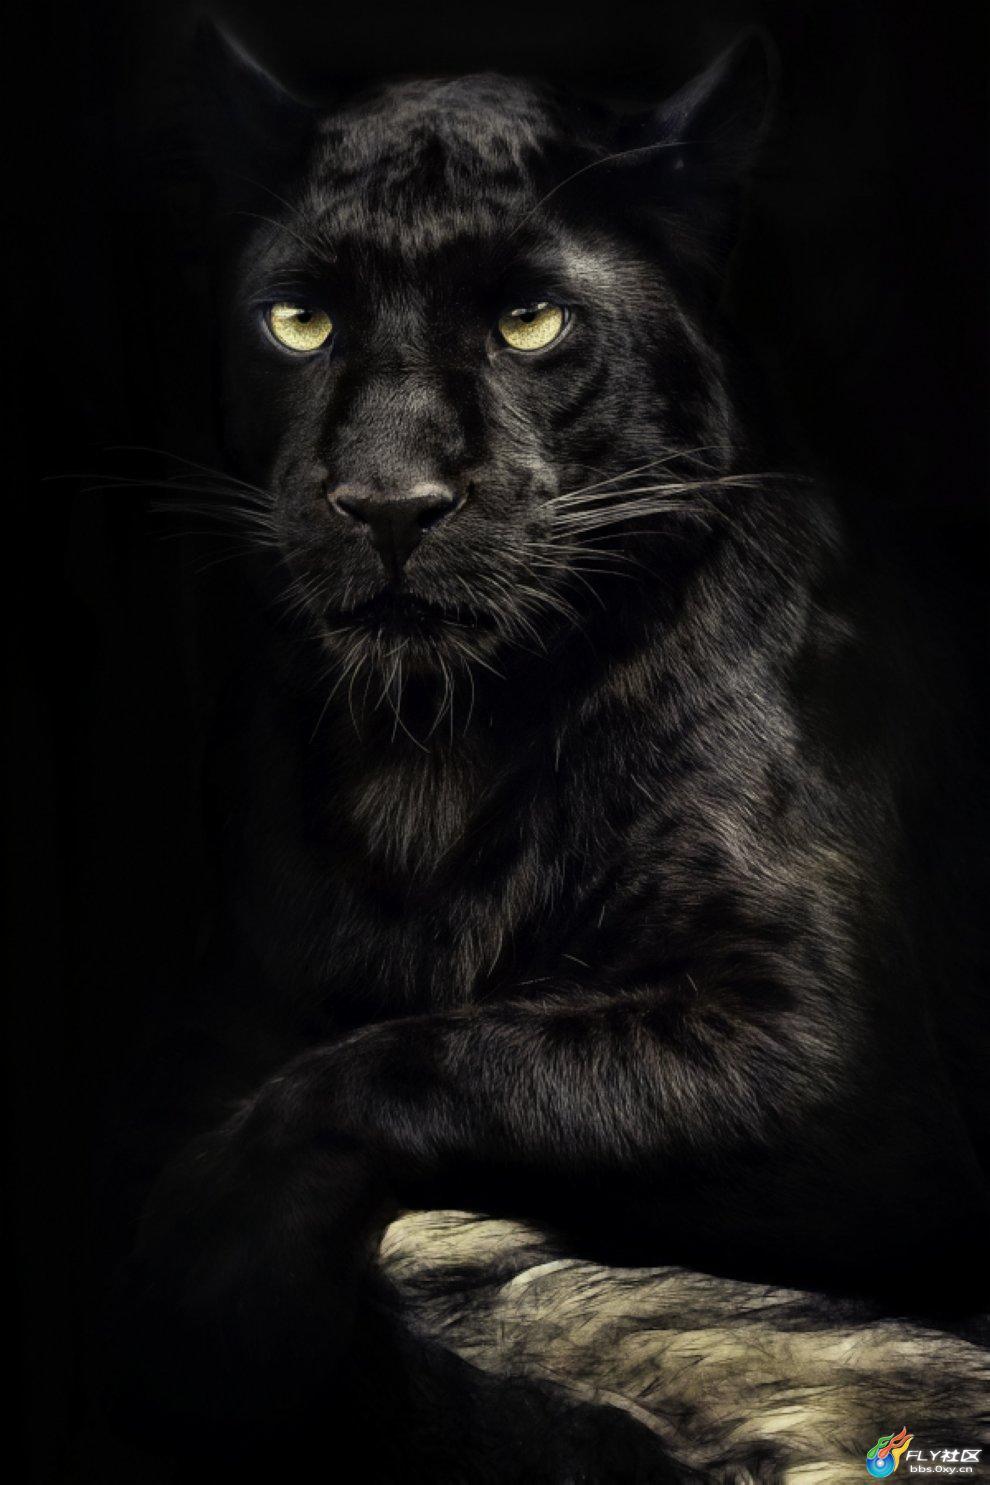 在印度我们叫它黑豹,黑豹身上的黑色和其他大型猫科动物有着显著的